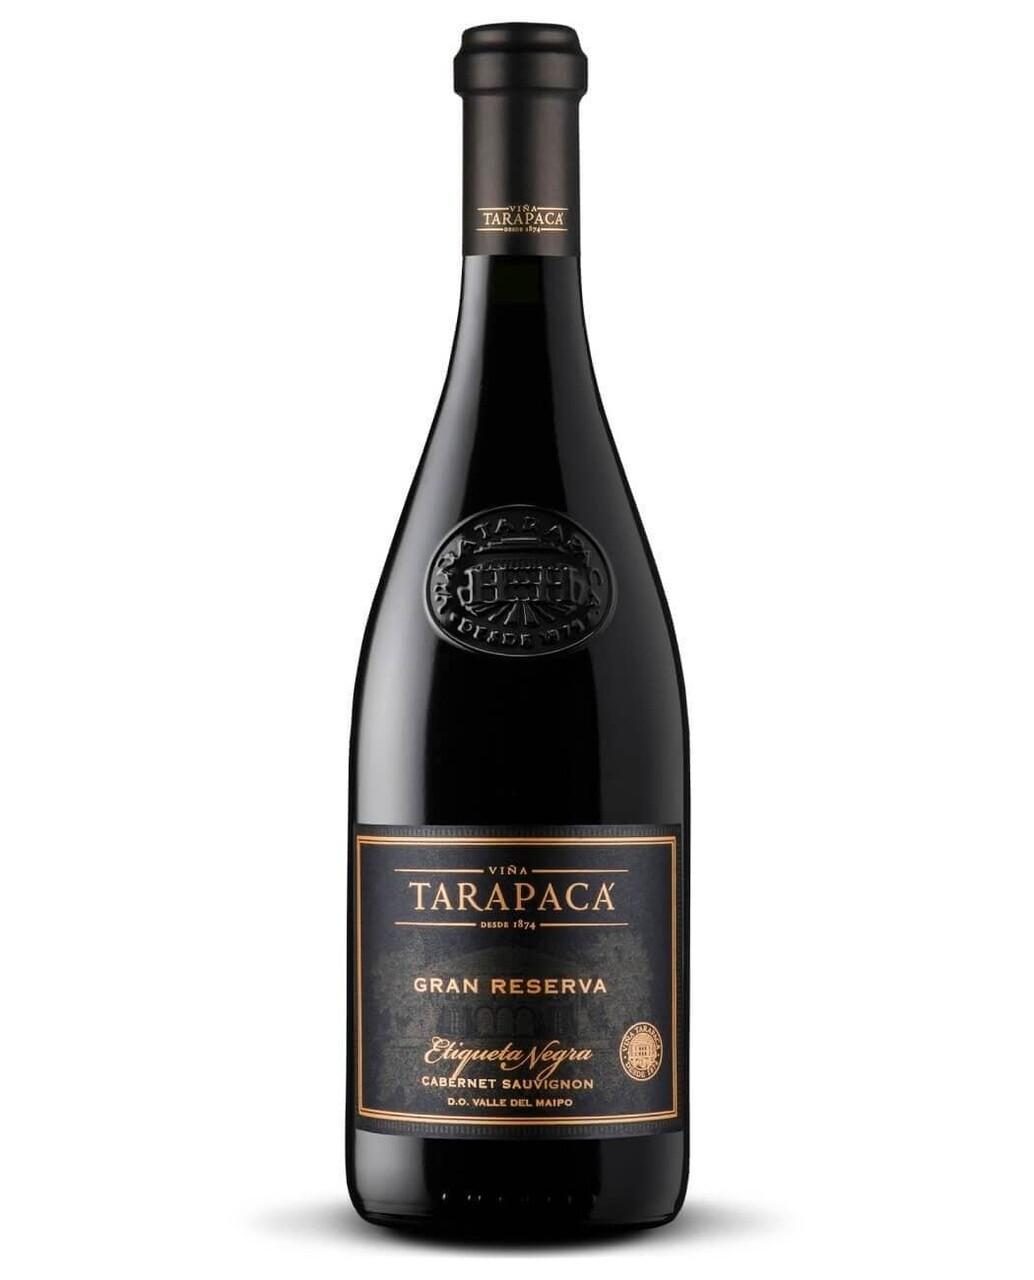 Tarapaca Gran Reserva Etiqueta Negra